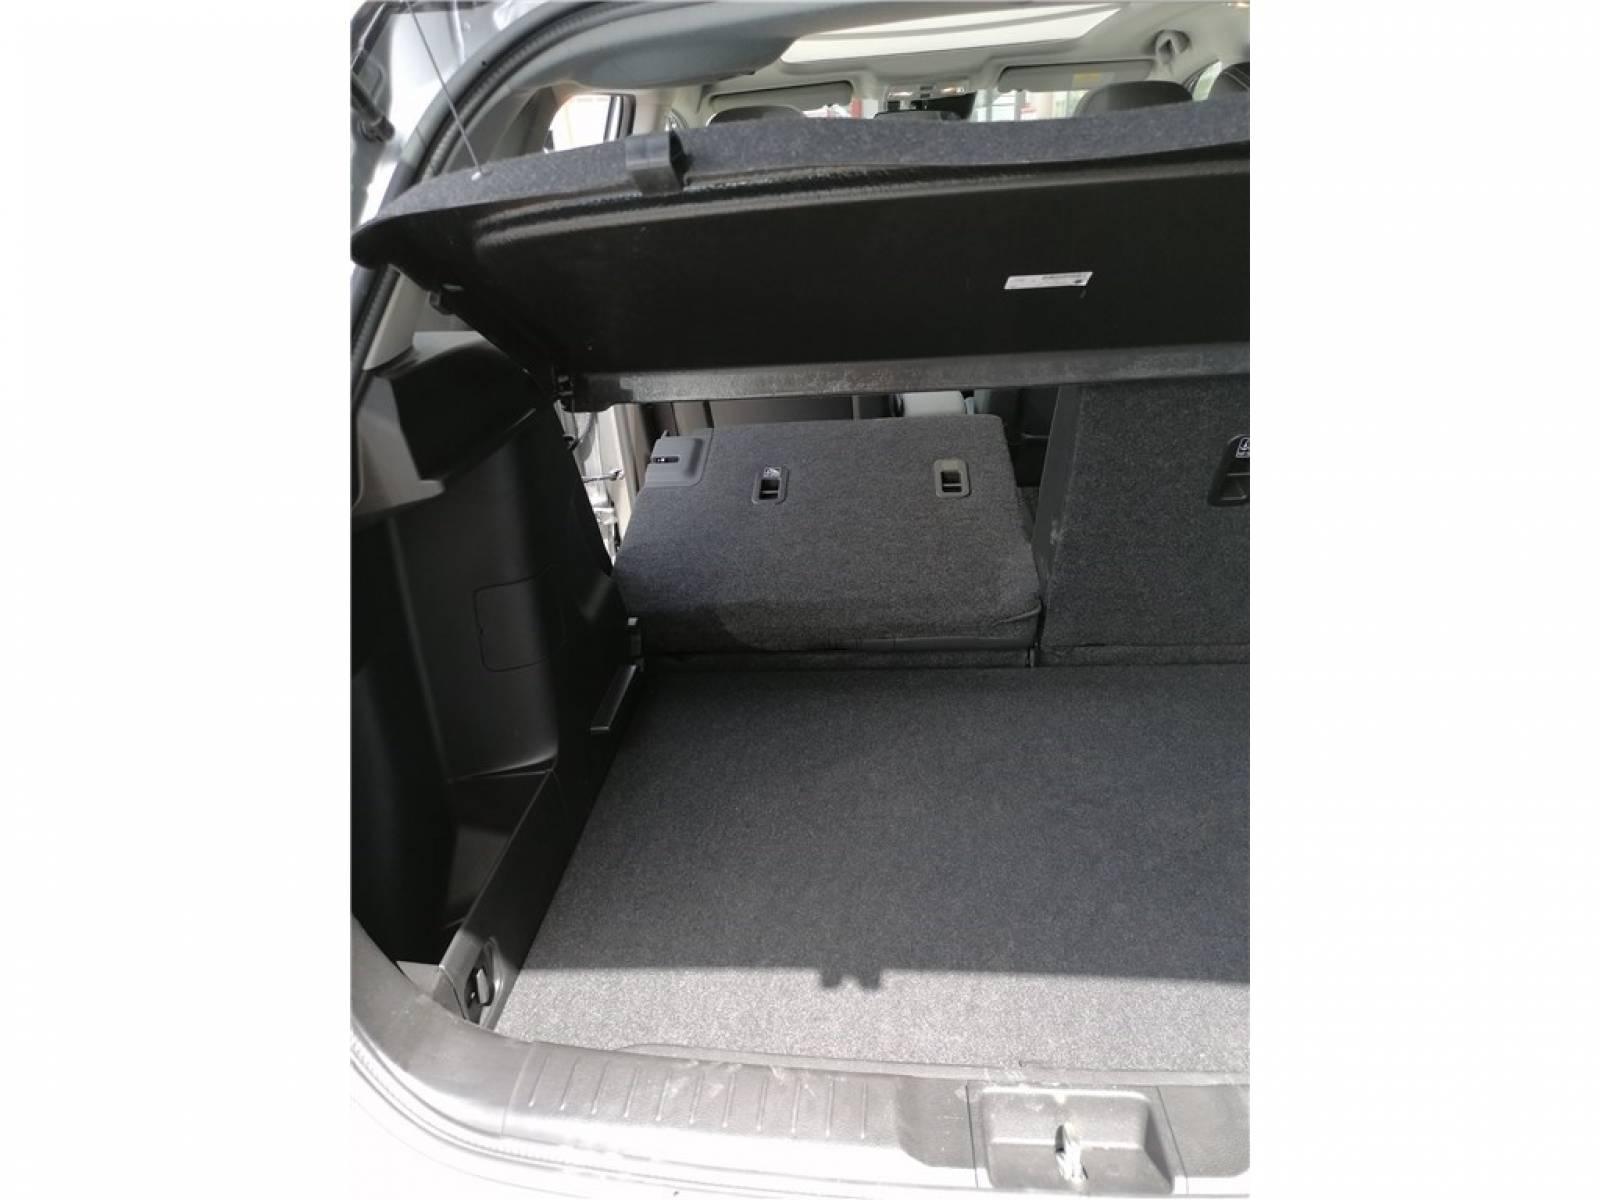 SUZUKI Vitara 1.4 Boosterjet Hybrid Auto - véhicule d'occasion - Groupe Guillet - Hall de l'automobile - Chalon sur Saône - 71380 - Saint-Marcel - 33